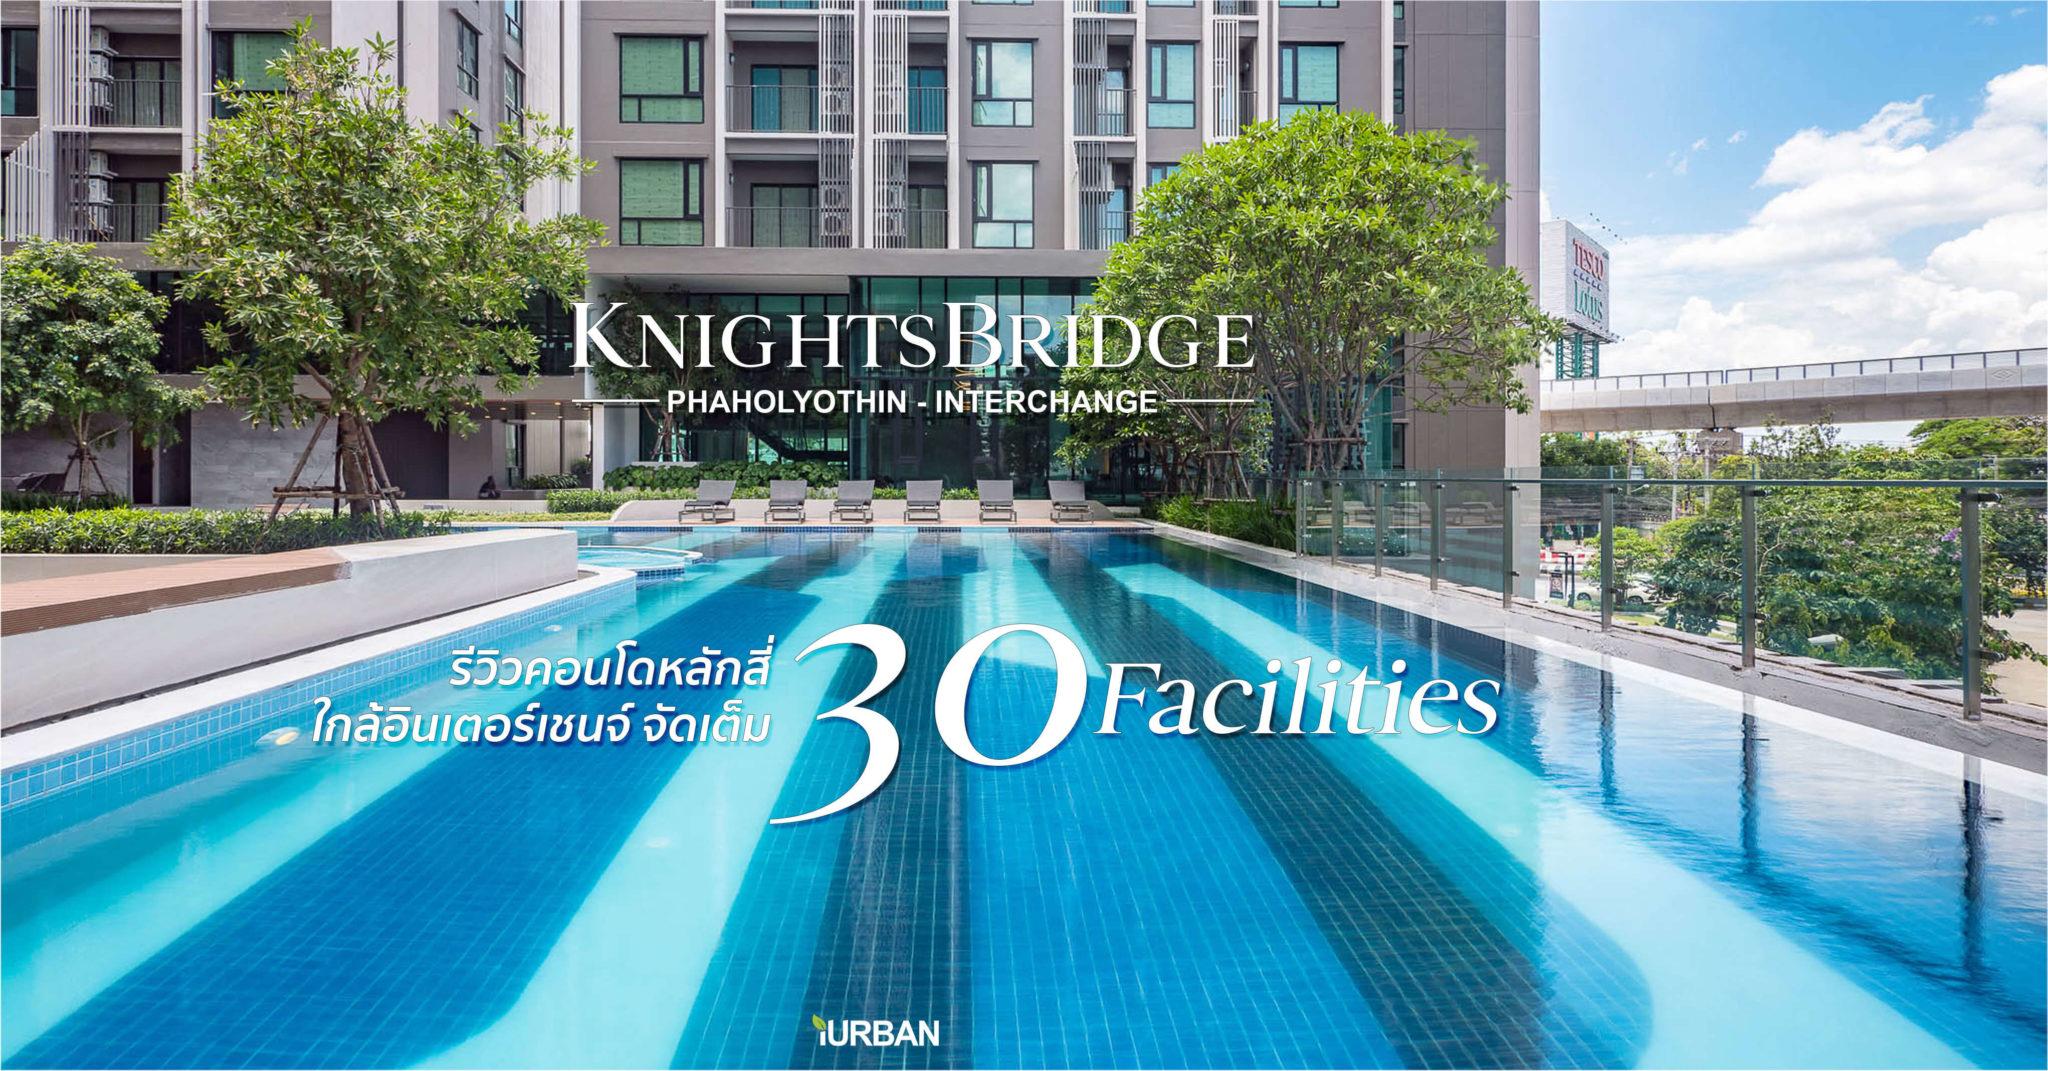 รีวิว KnightsBridge Phaholyothin Interchange คอนโดอินเตอร์เชนจ์ย่านหลักสี่ ฟรี Facility 30 รายการ 13 - Facility